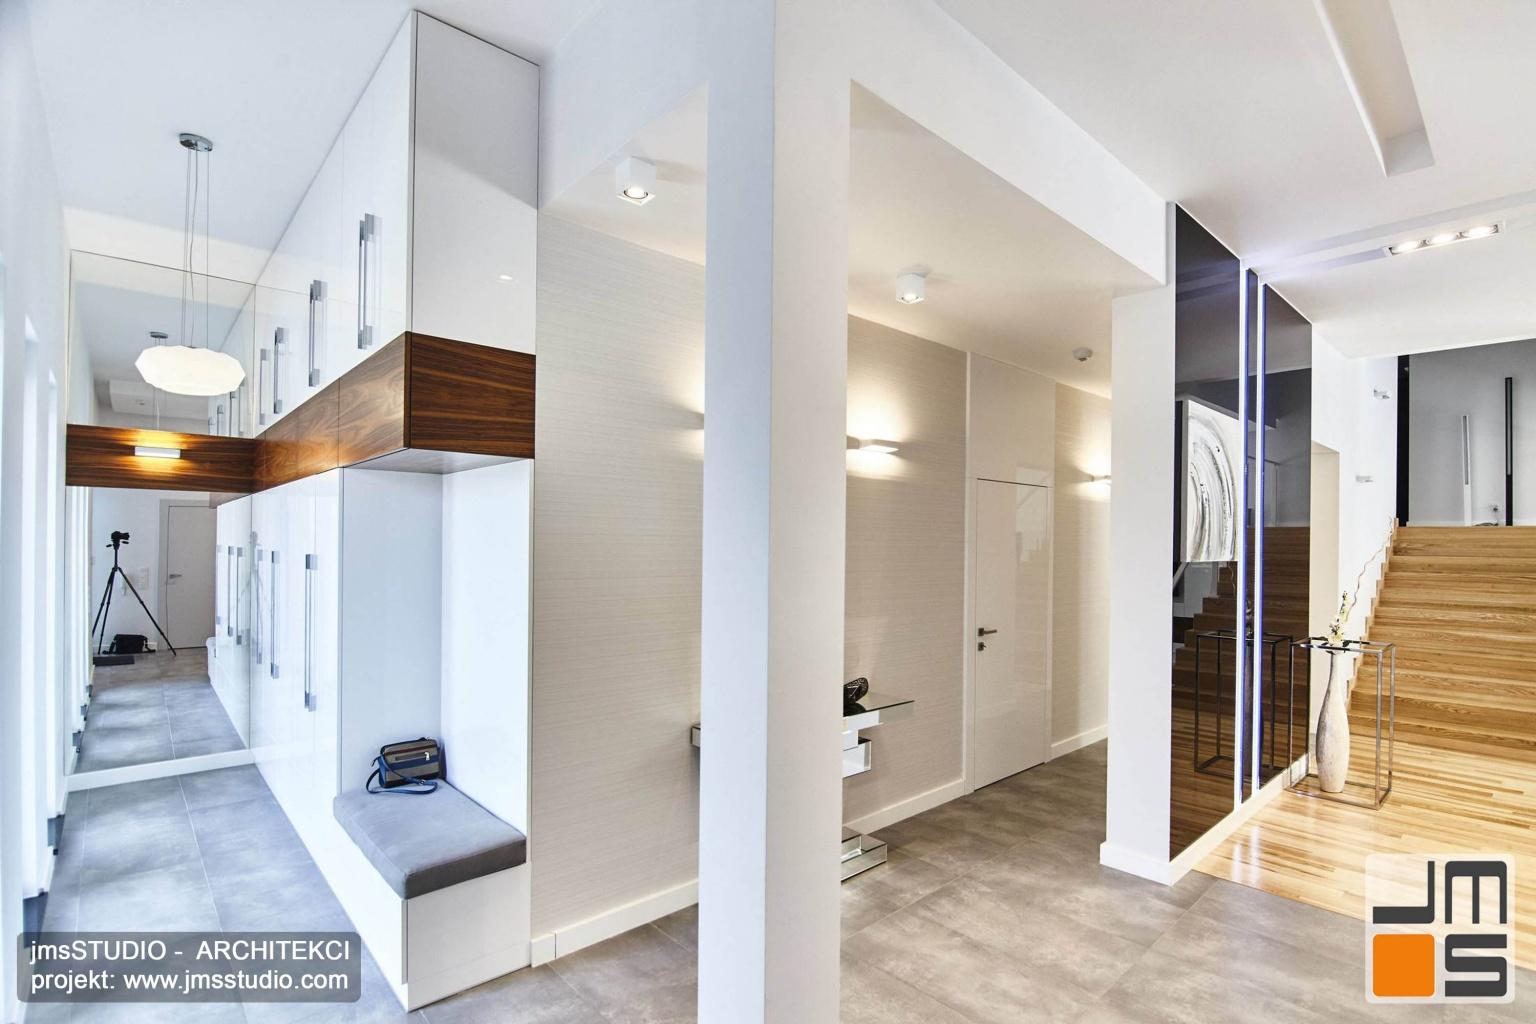 2018 06 projekt wnętrz strefy wejścia do domu pod Poznaniem obejmował projekt wnętrz garderoby projekt holu na parterze i projekt schodów na piętro